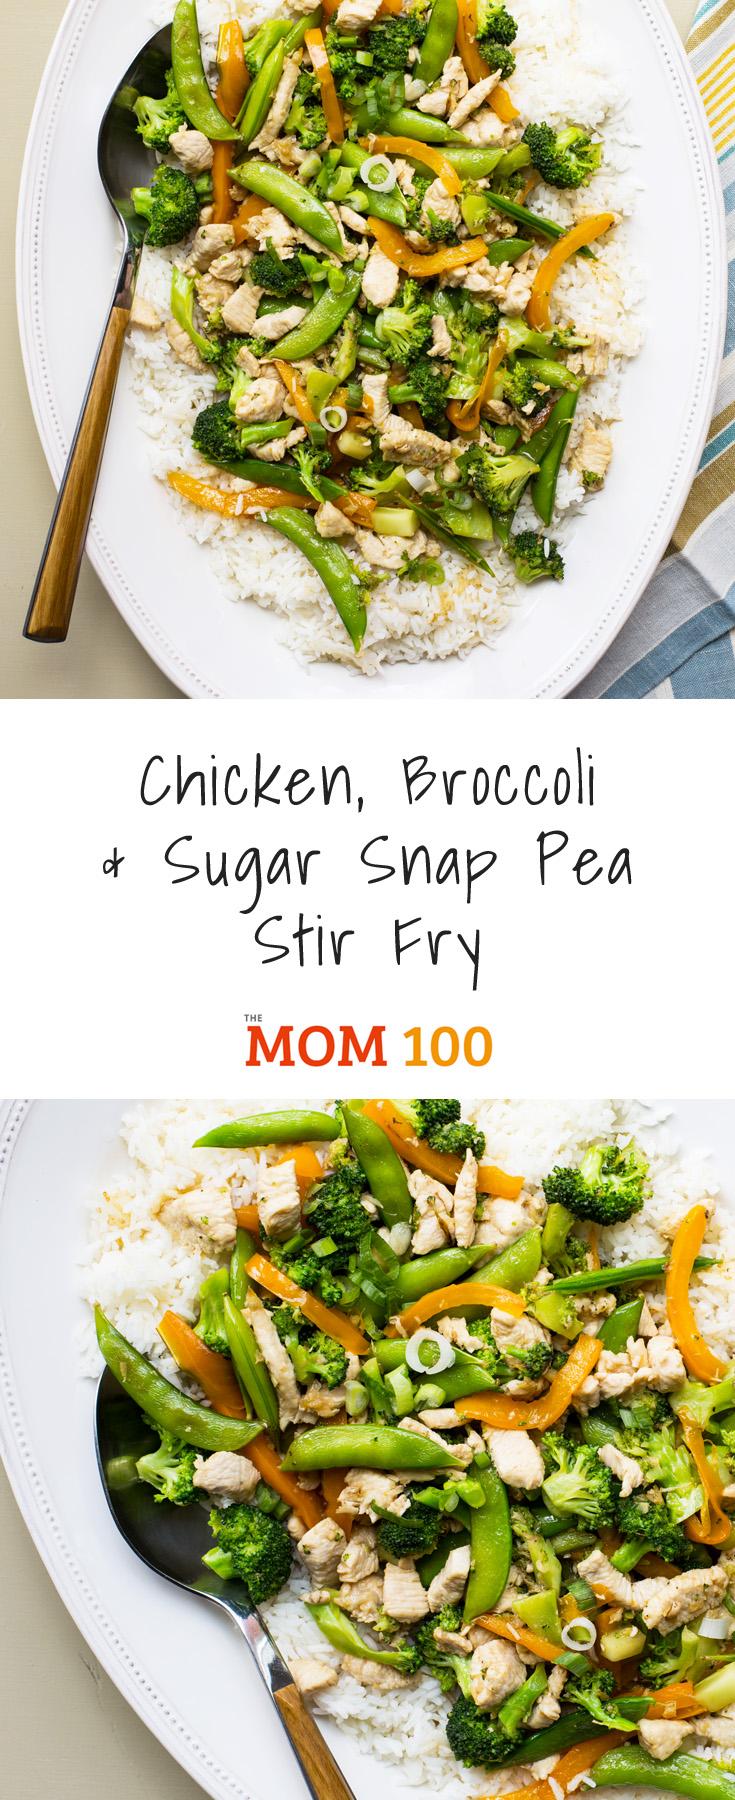 Chicken, Broccoli, and Sugar Snap Pea Stir Fry